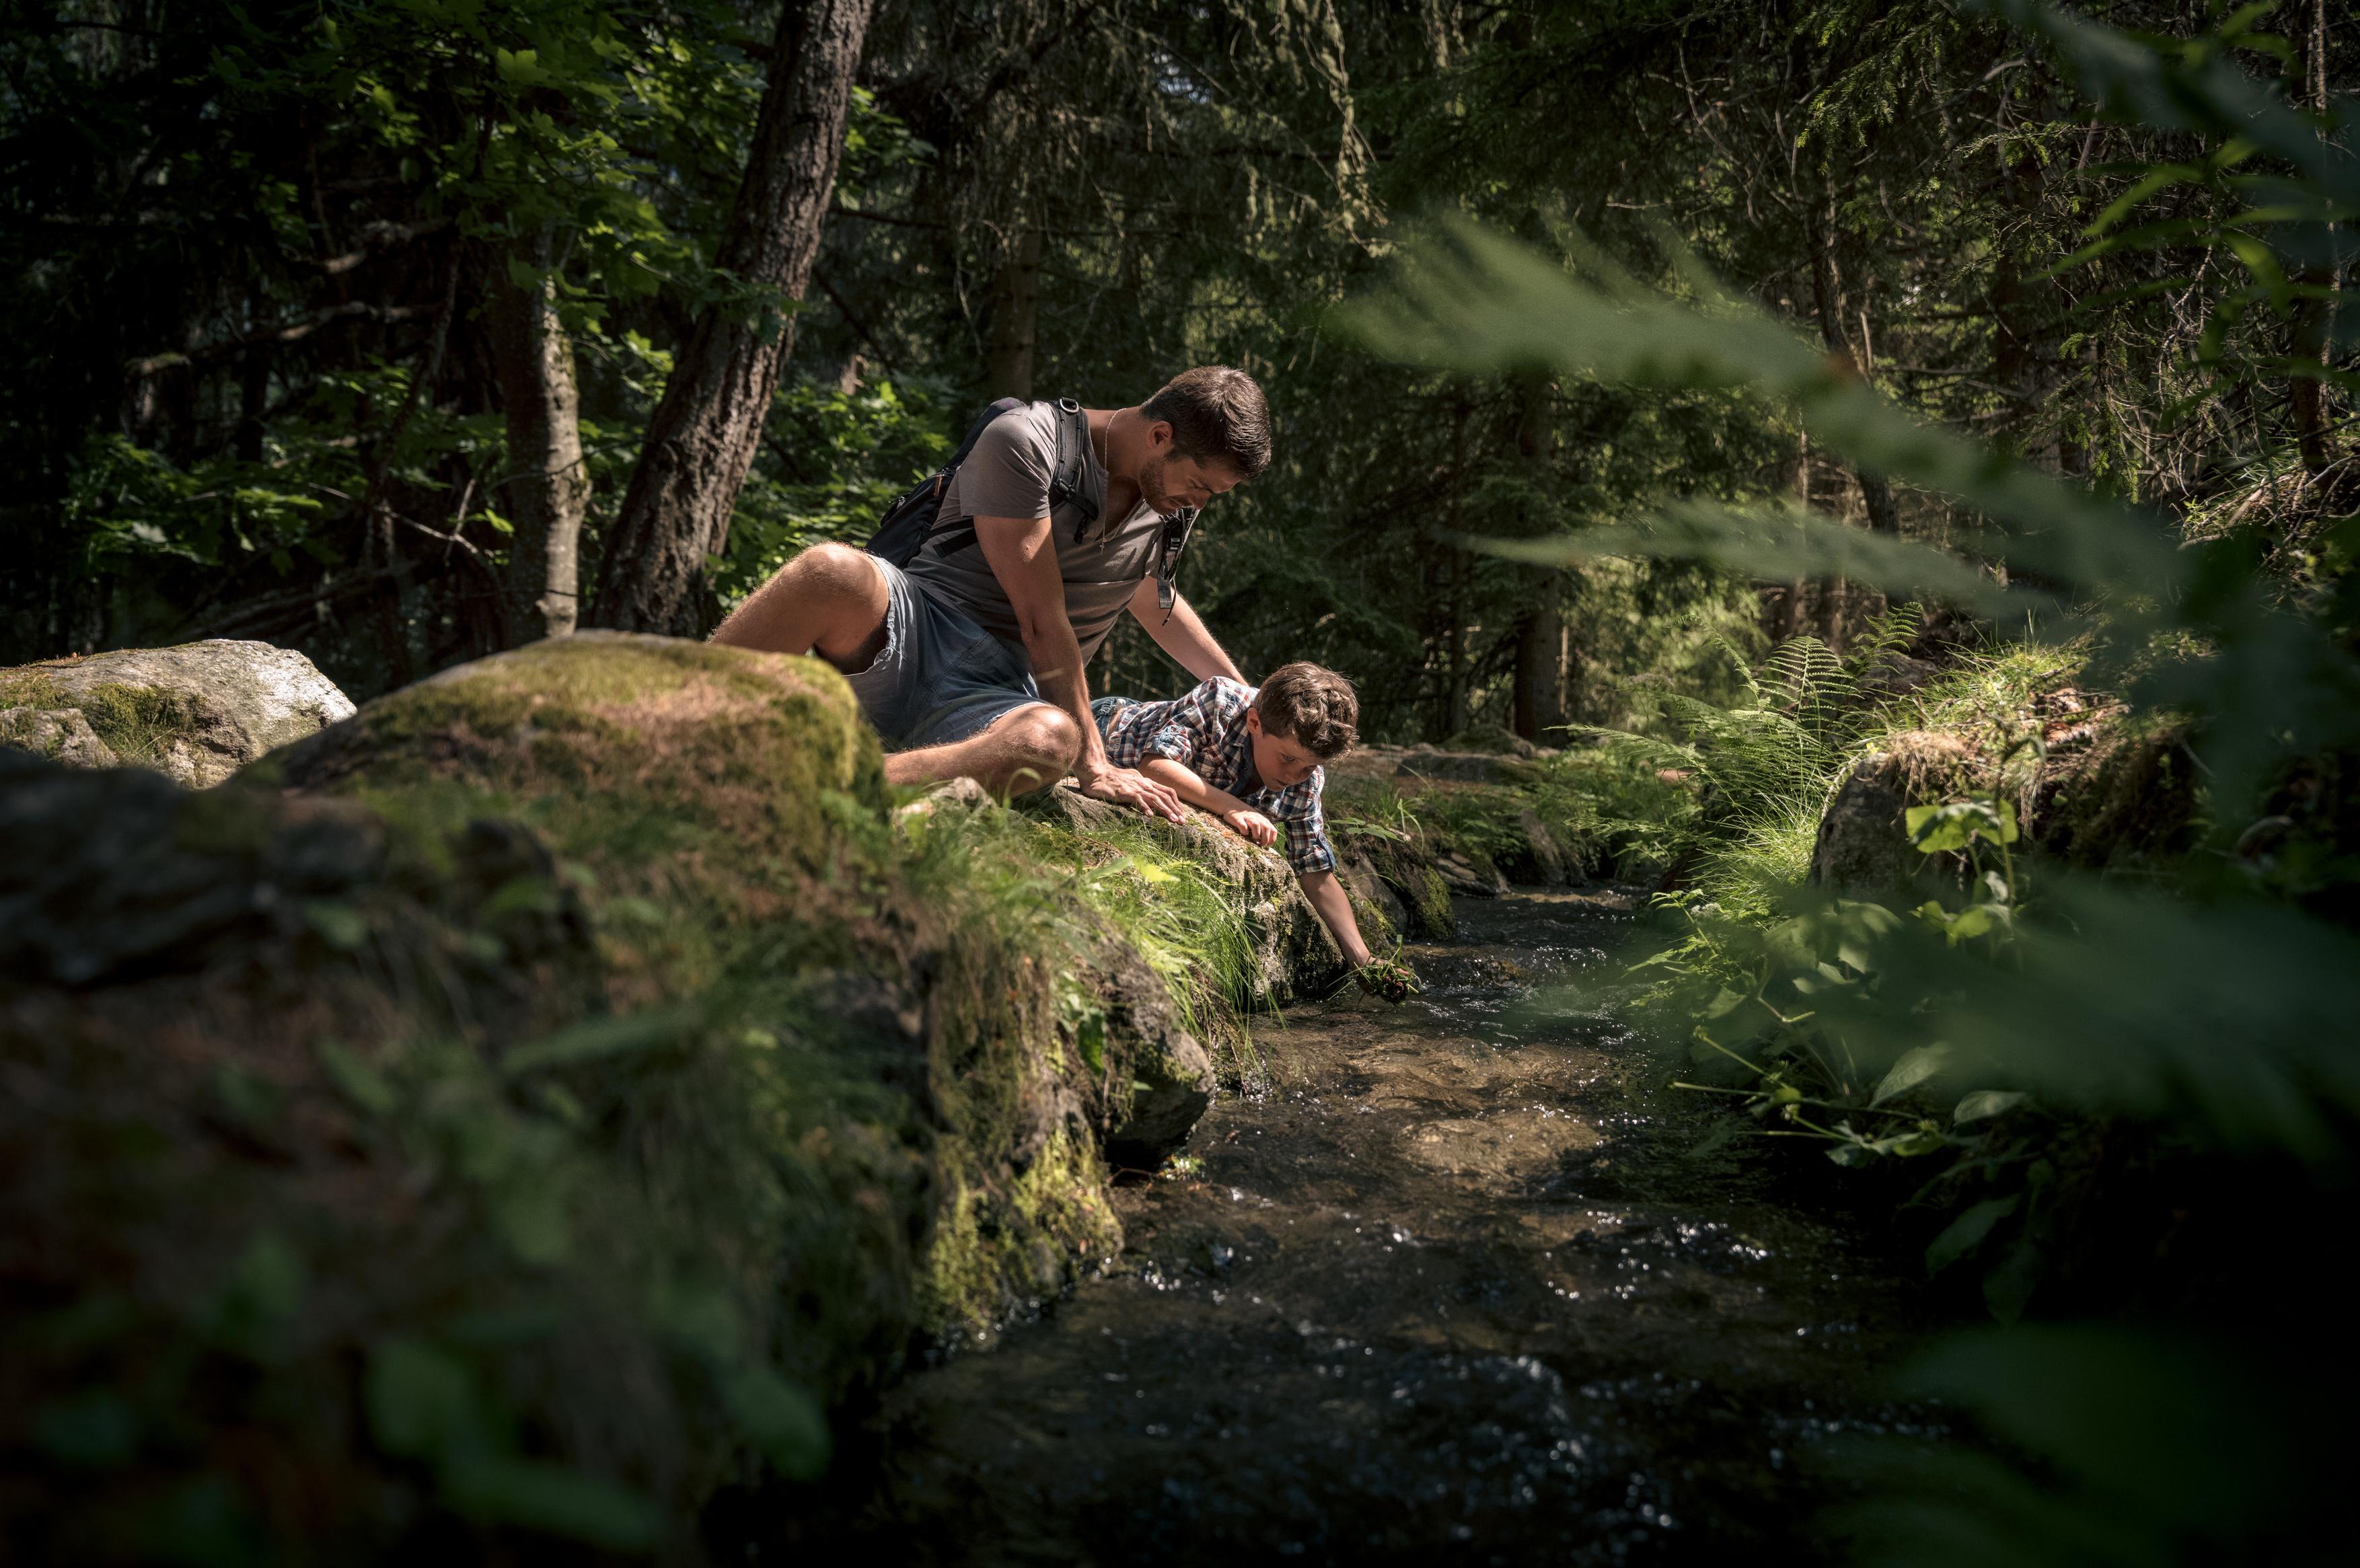 Les plus beaux bisses du Valais - Bisse Vieux et bisse du Milieu à Nendaz